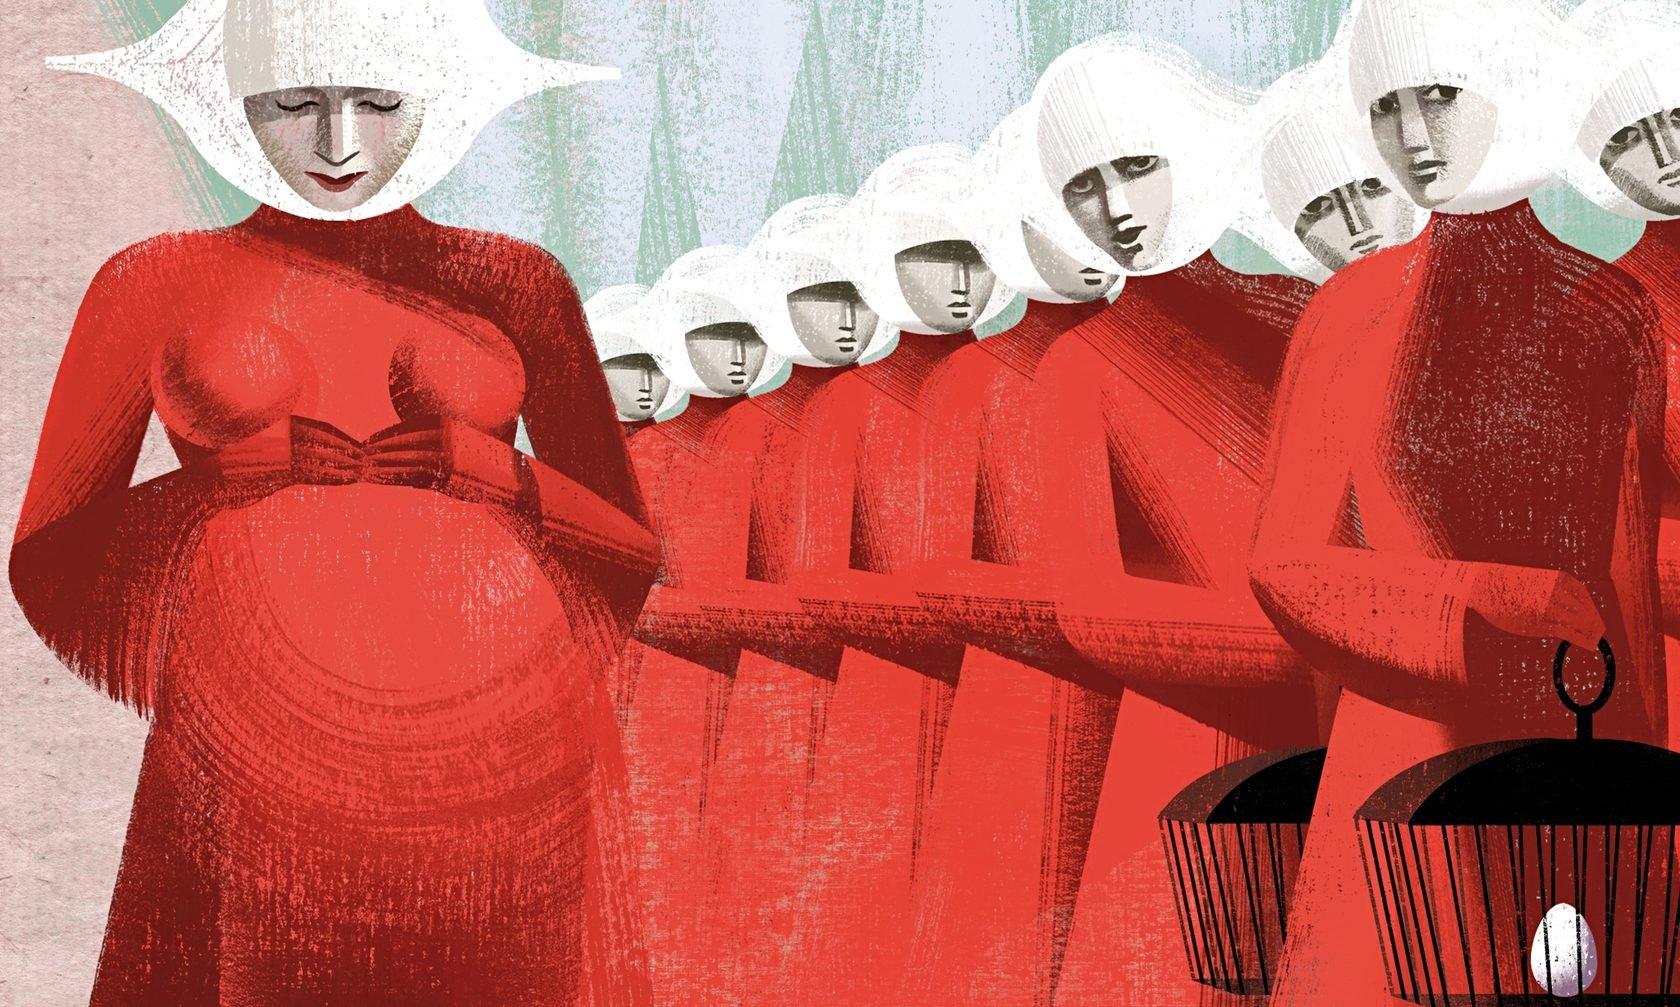 Писательница Маргарет Этвуд анонсировала продление антиутопии «Рассказ служанки»